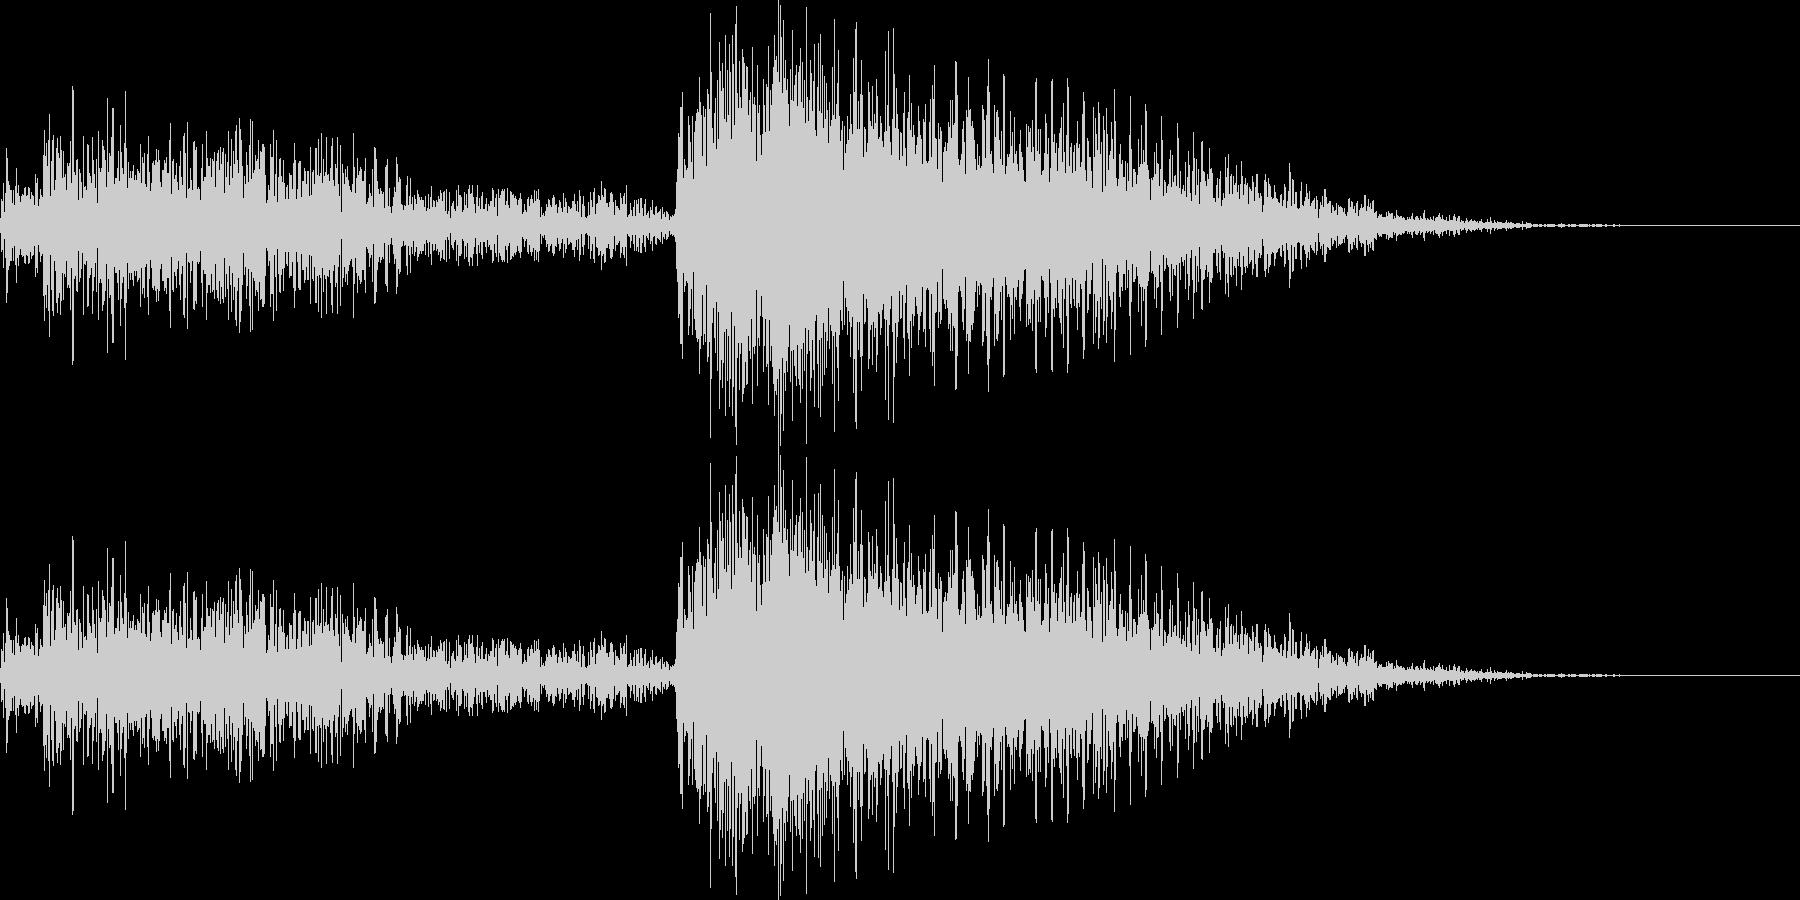 シーン転換 結果発表 音の未再生の波形